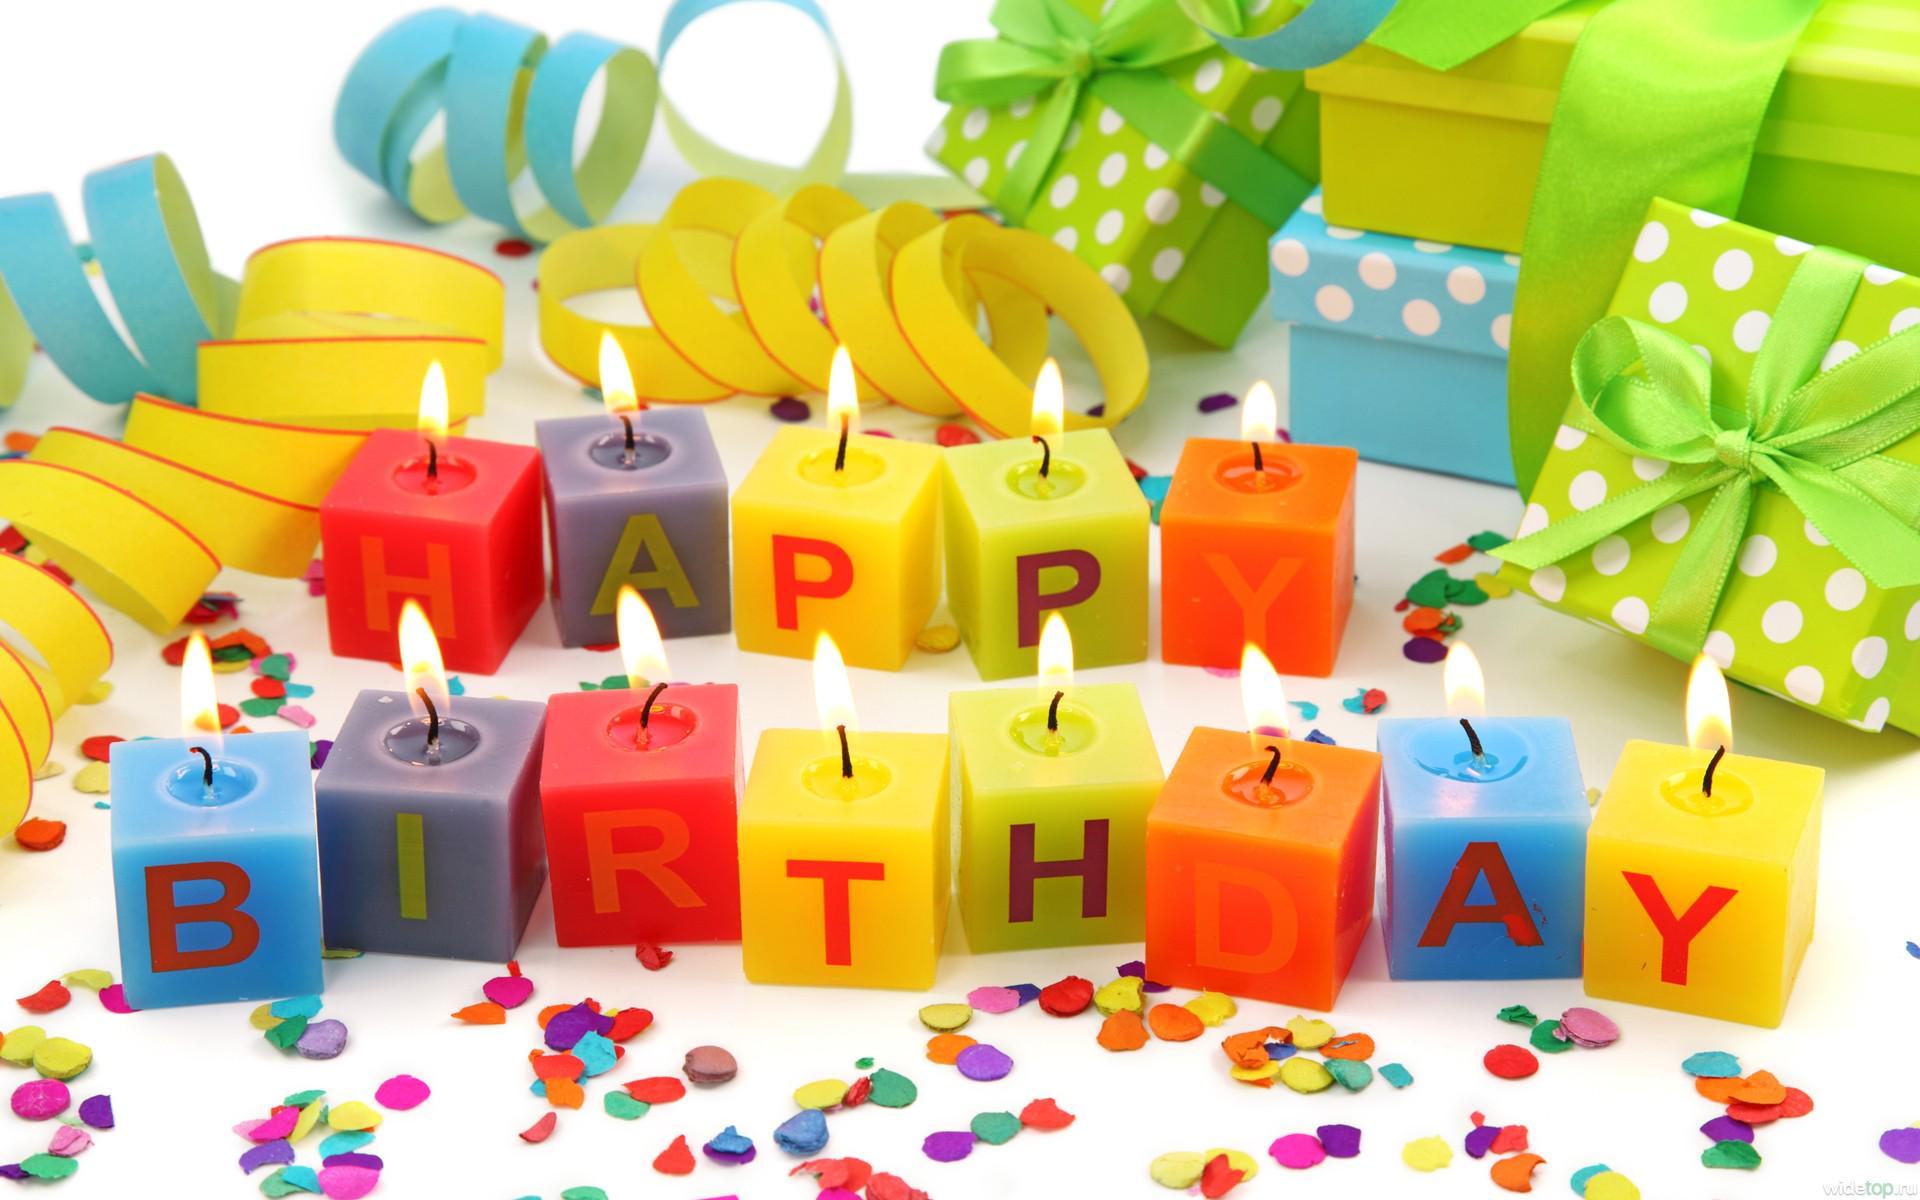 Друг спасибо, подарки с днем рождения открытка